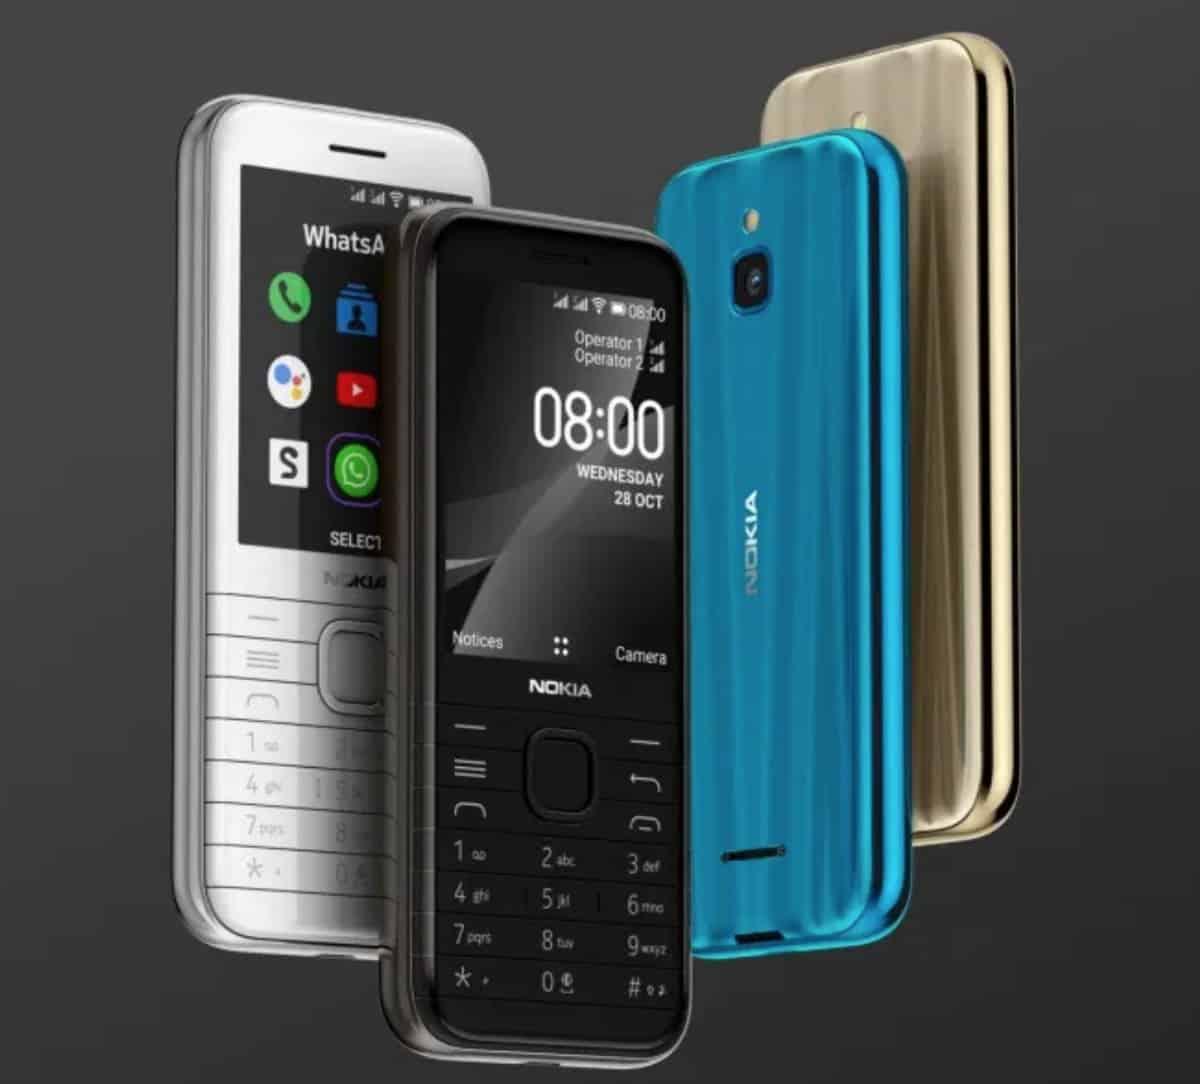 Nokia 6300 4G vs. Nokia 8000 4G